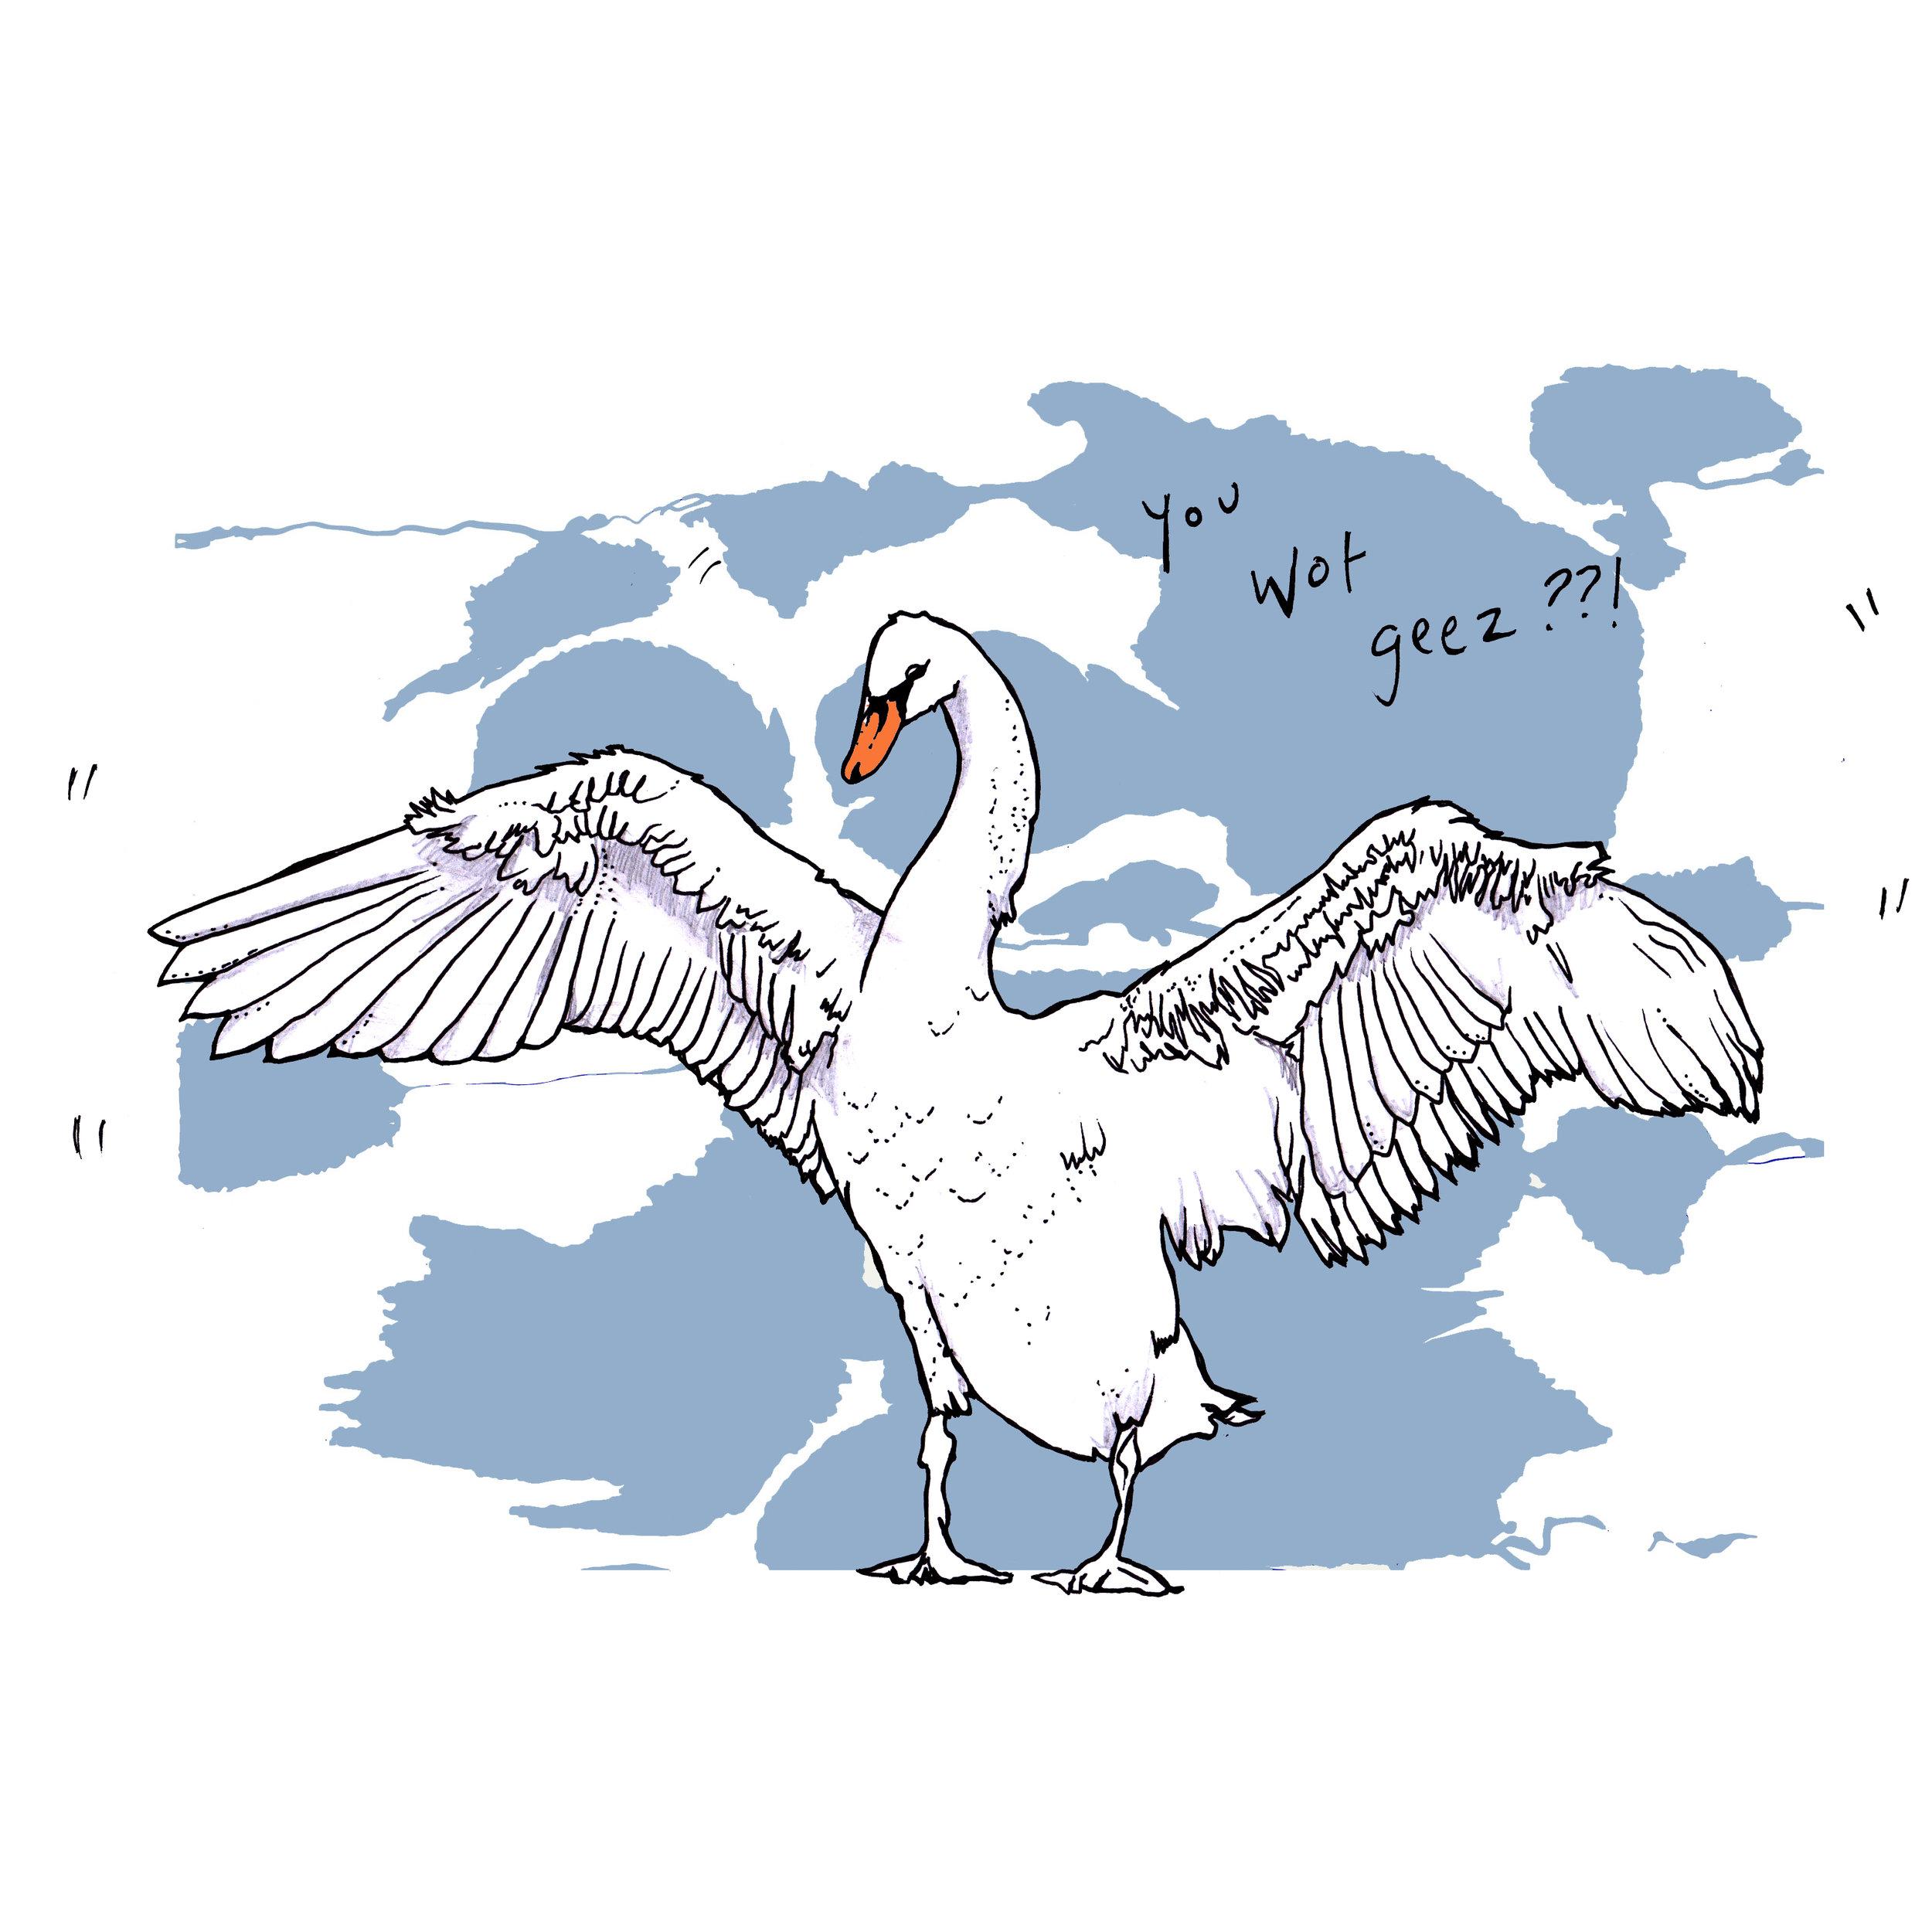 aggy swan.jpg